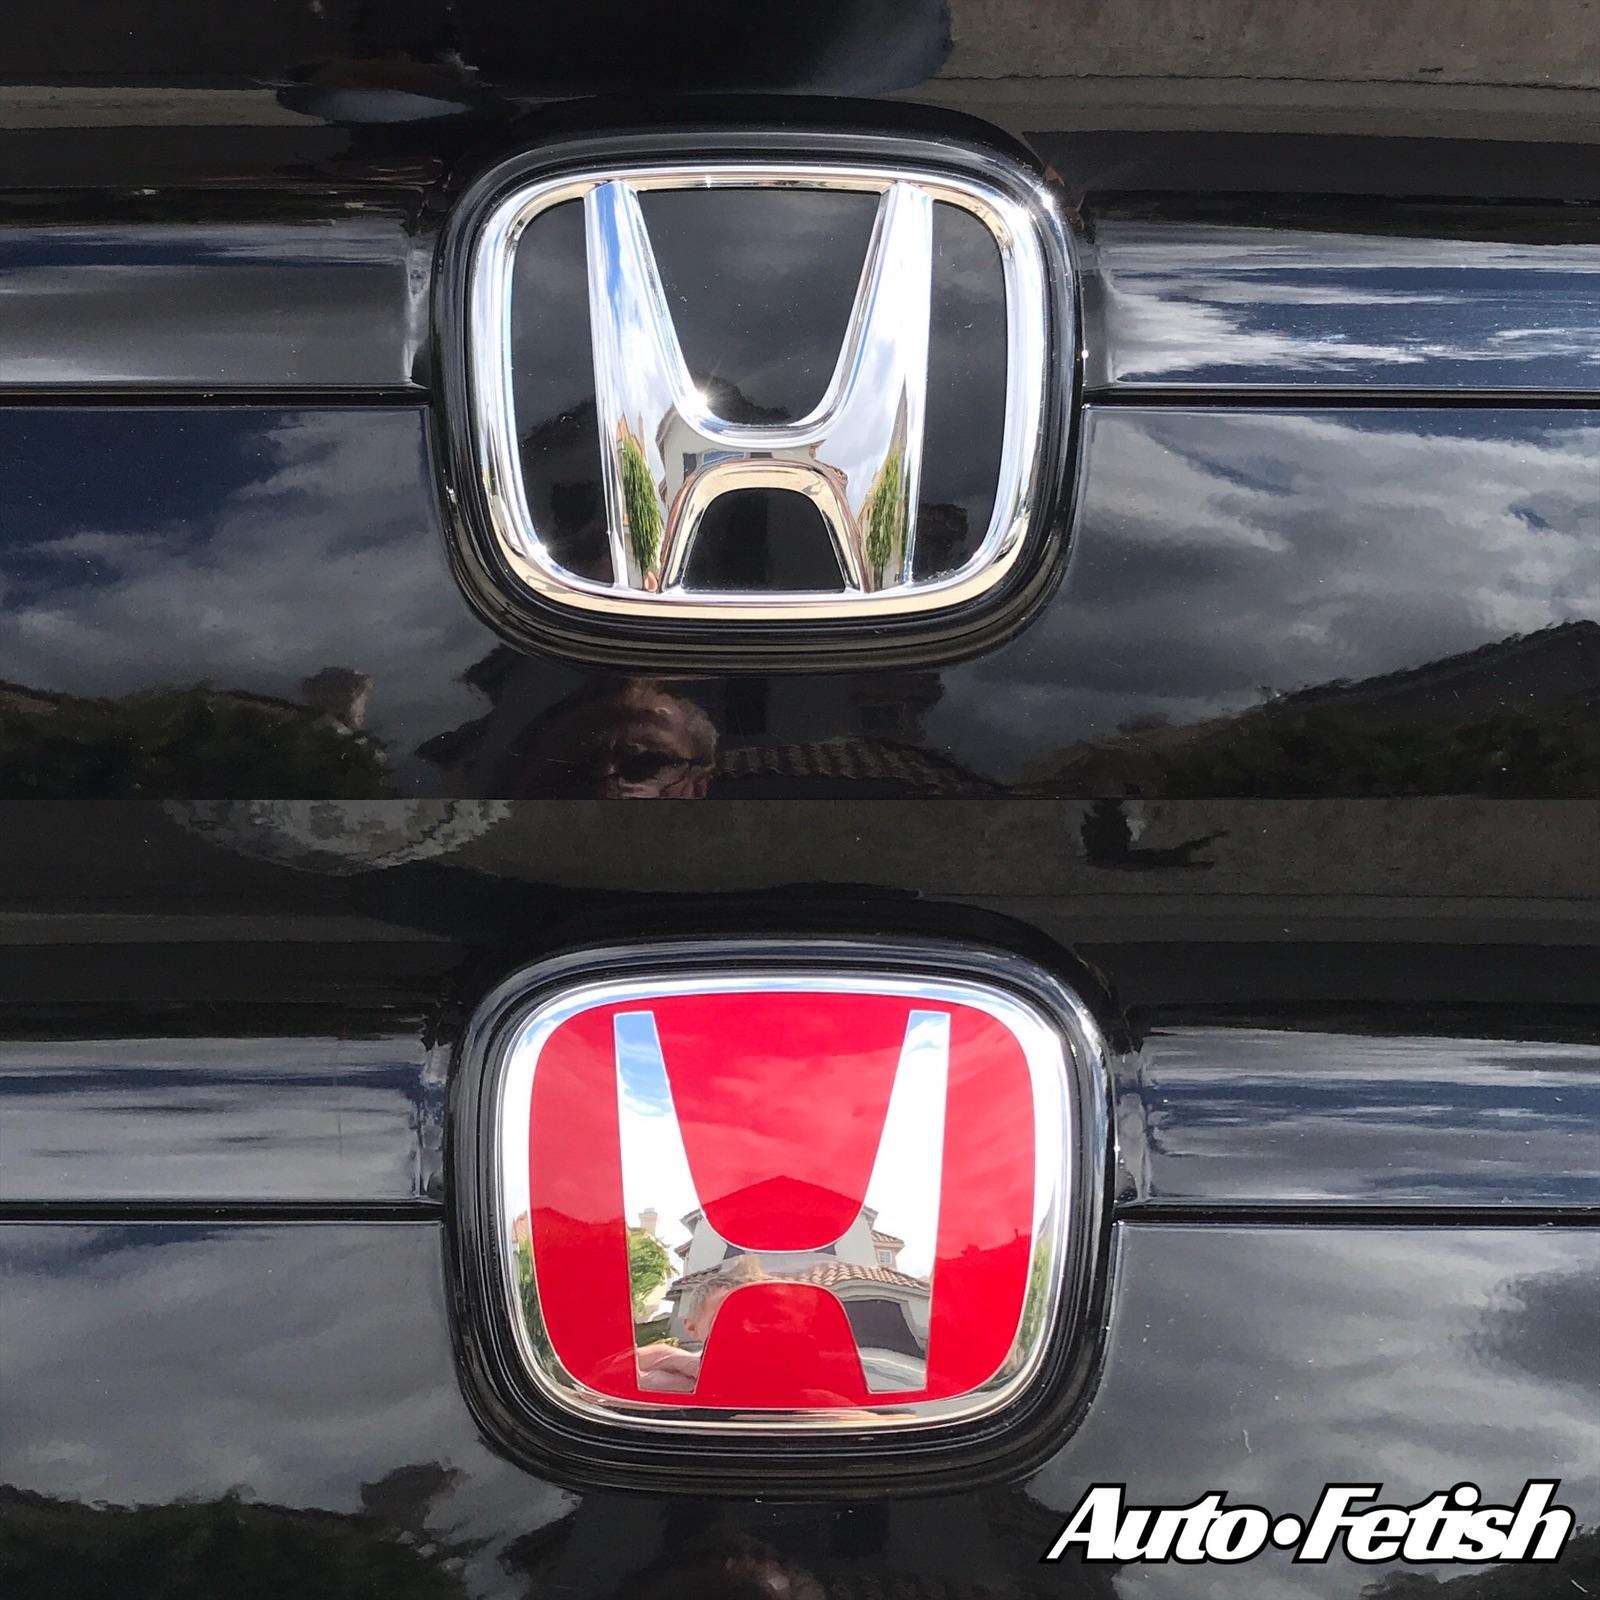 honda civic type r badge replacement